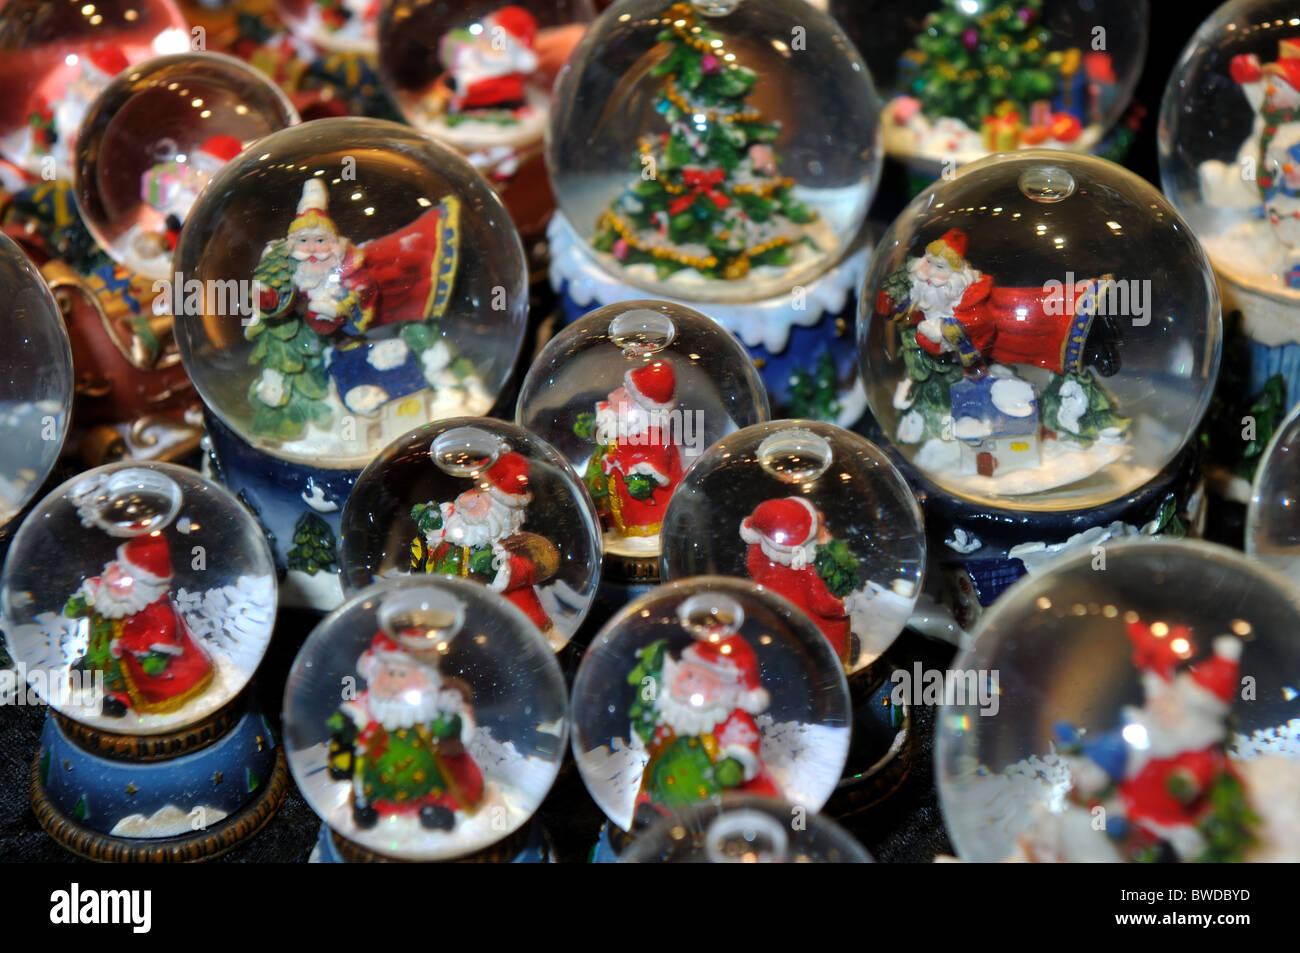 Weihnachten-Schneekugeln Stockfoto, Bild: 32871537 - Alamy